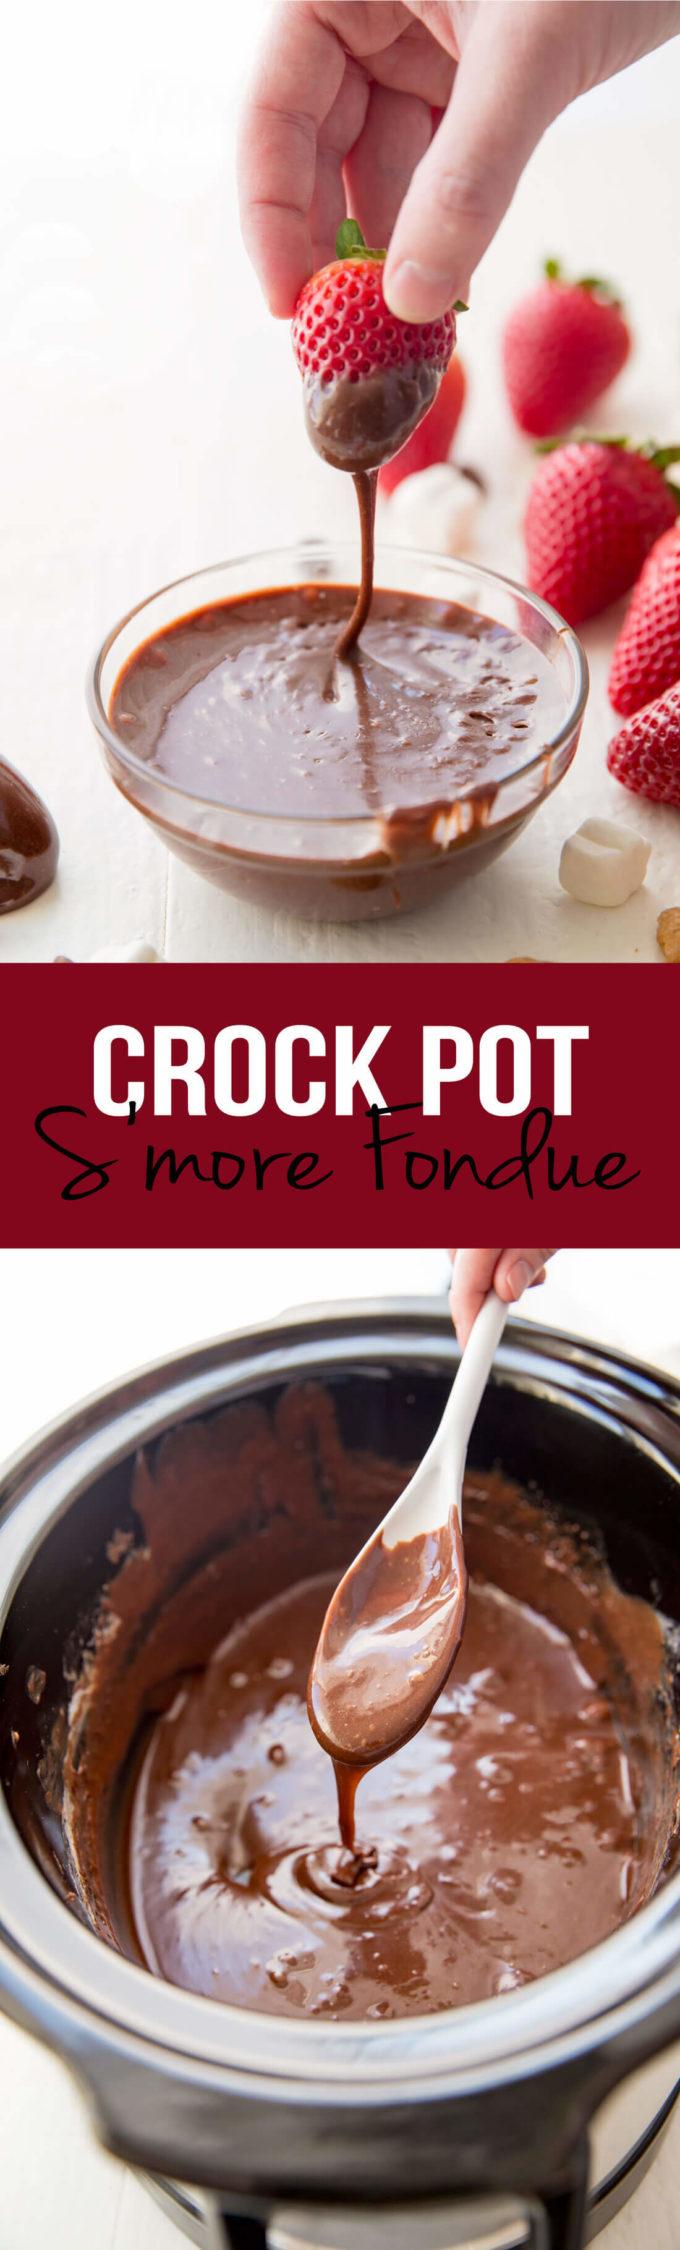 Crockpot S'more Fondue - Eazy Peazy Mealz